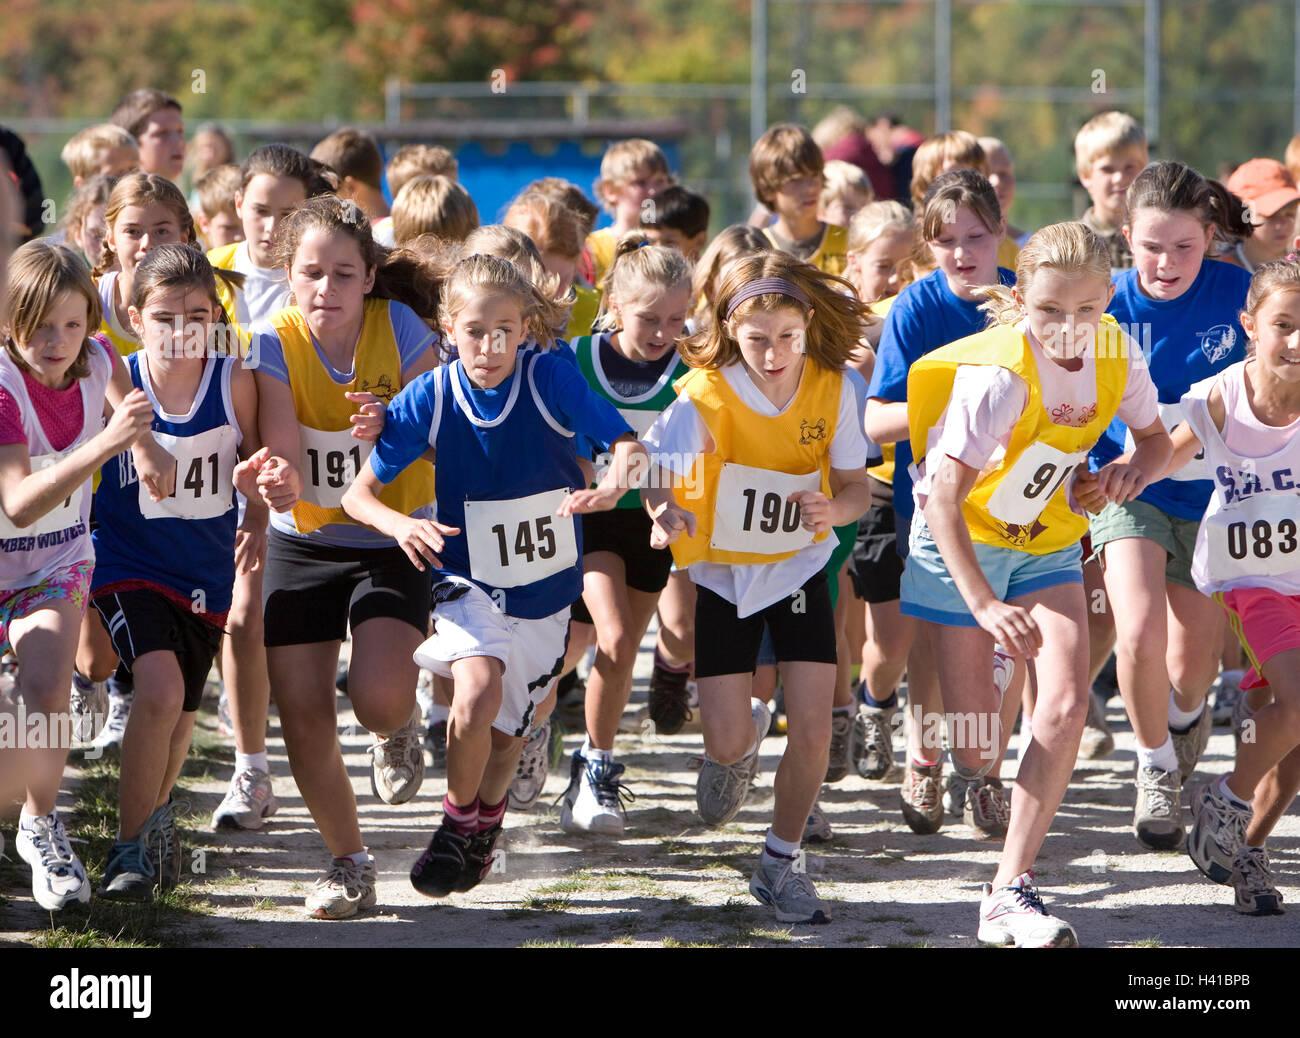 Les filles s'exécutant en athlétisme Photo Stock